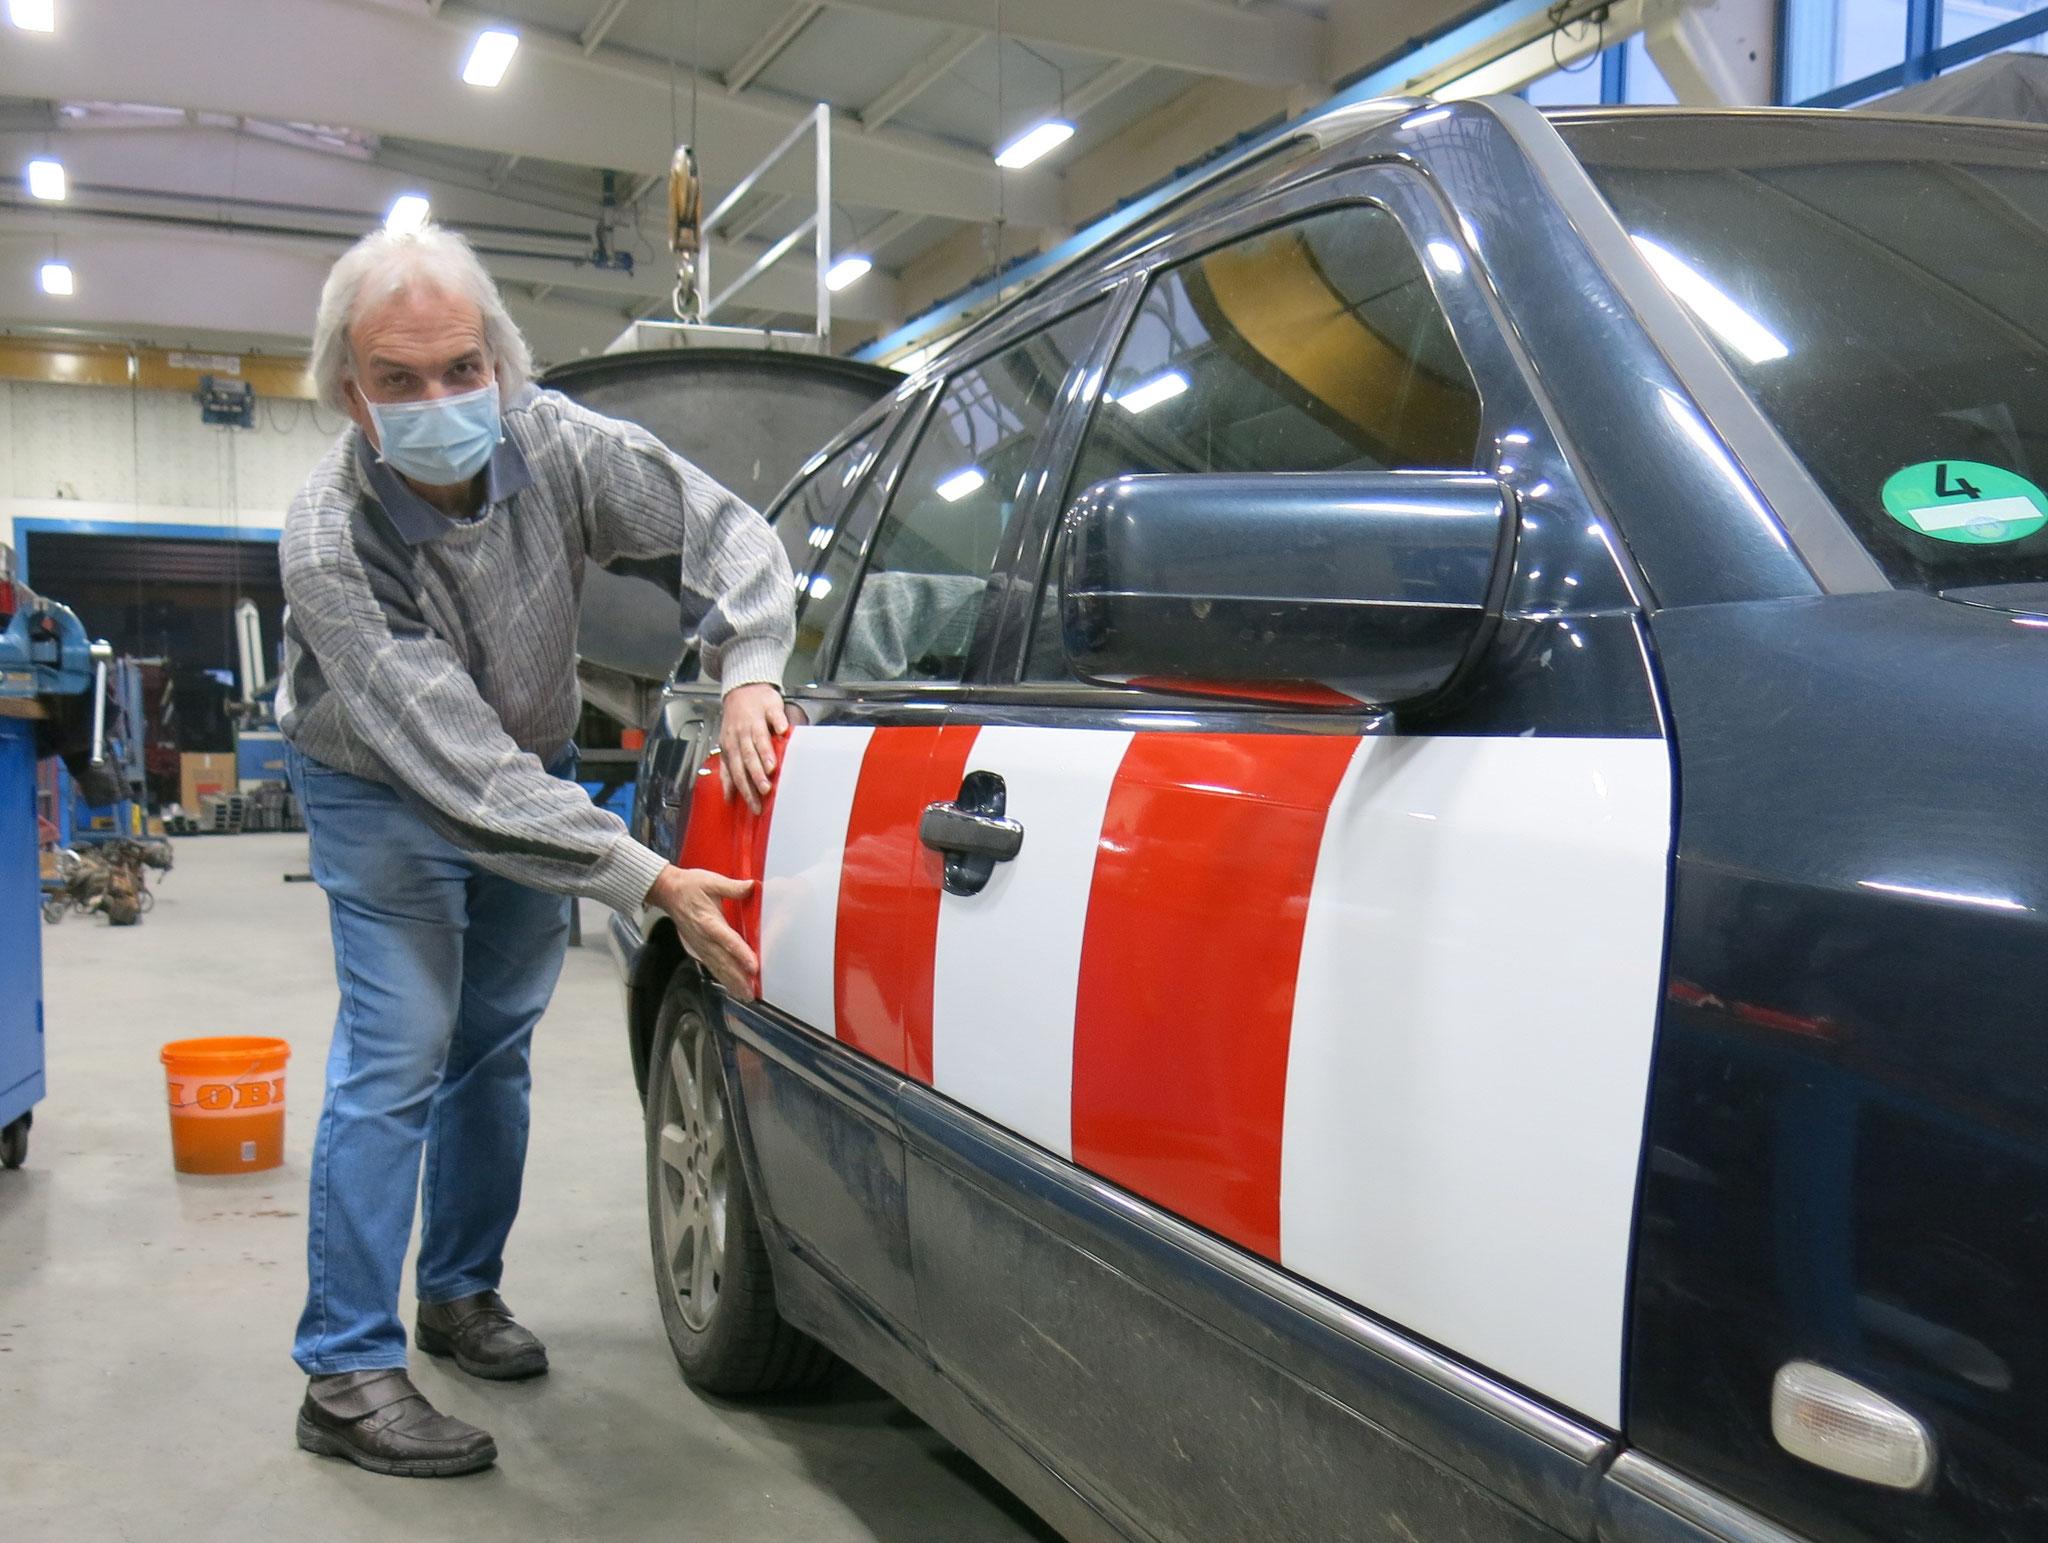 Thomas bringt ein weiteres Folienstück an - Wasser mit Spüli hilft